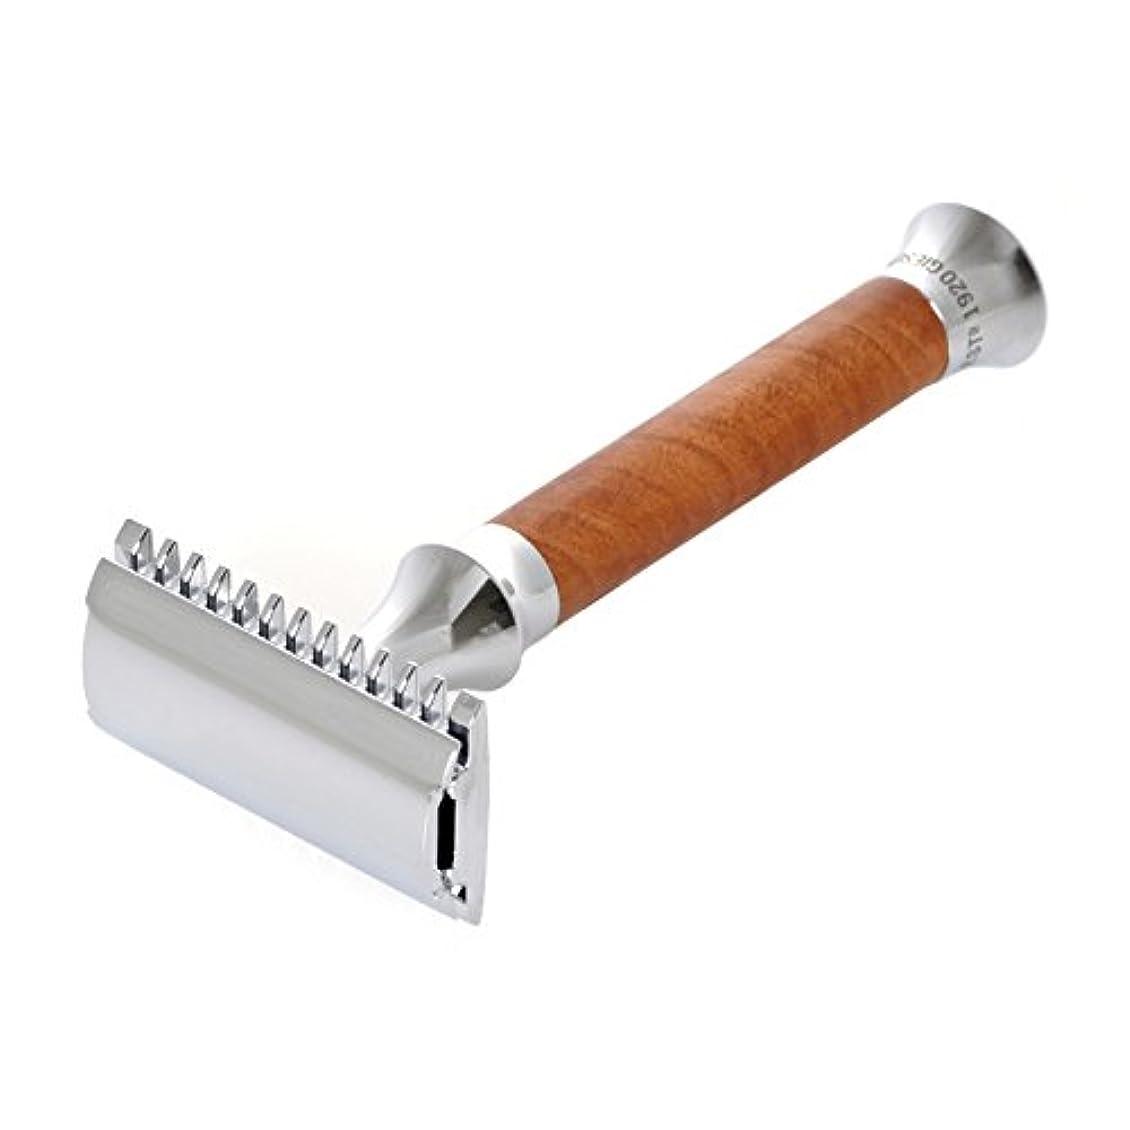 クック敬な昆虫を見るG&F - Vintage Edition Safety razor, Thuja burl wood, 10 razor blades